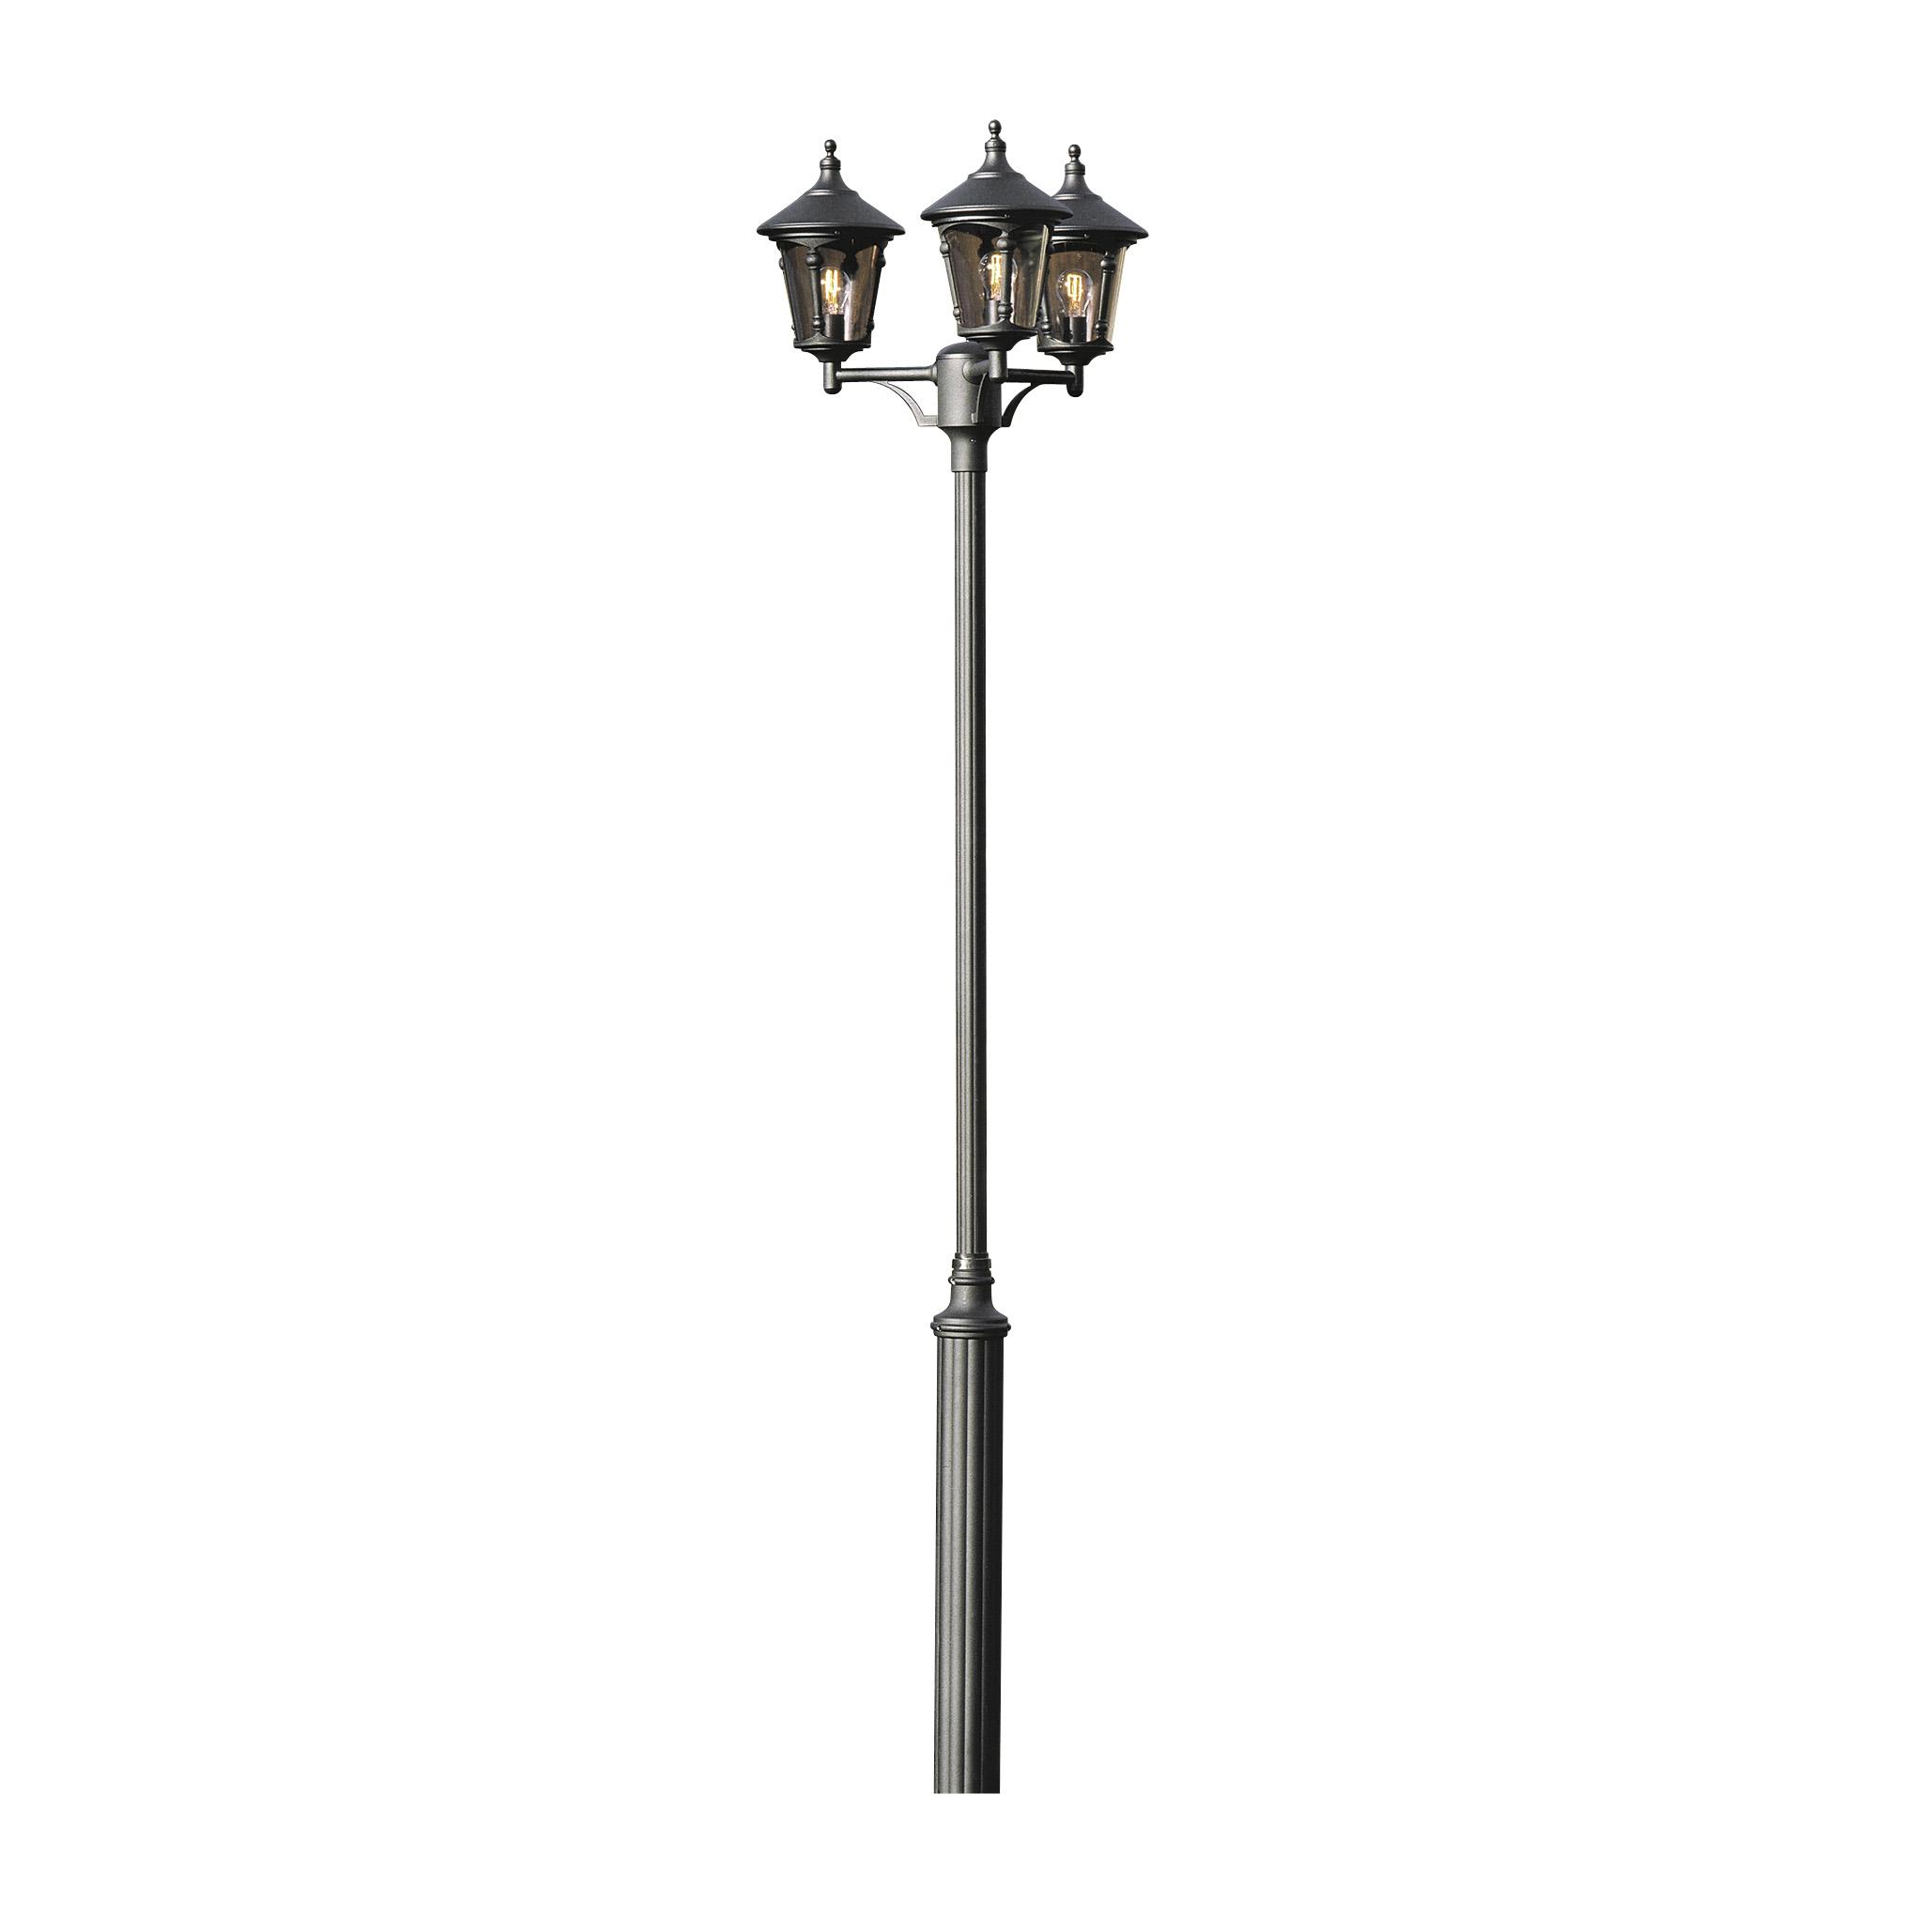 Lantaarnpaal 3-lichts Virgo Draco zwart buitenlamp Konstmide 573-750+ 579-750